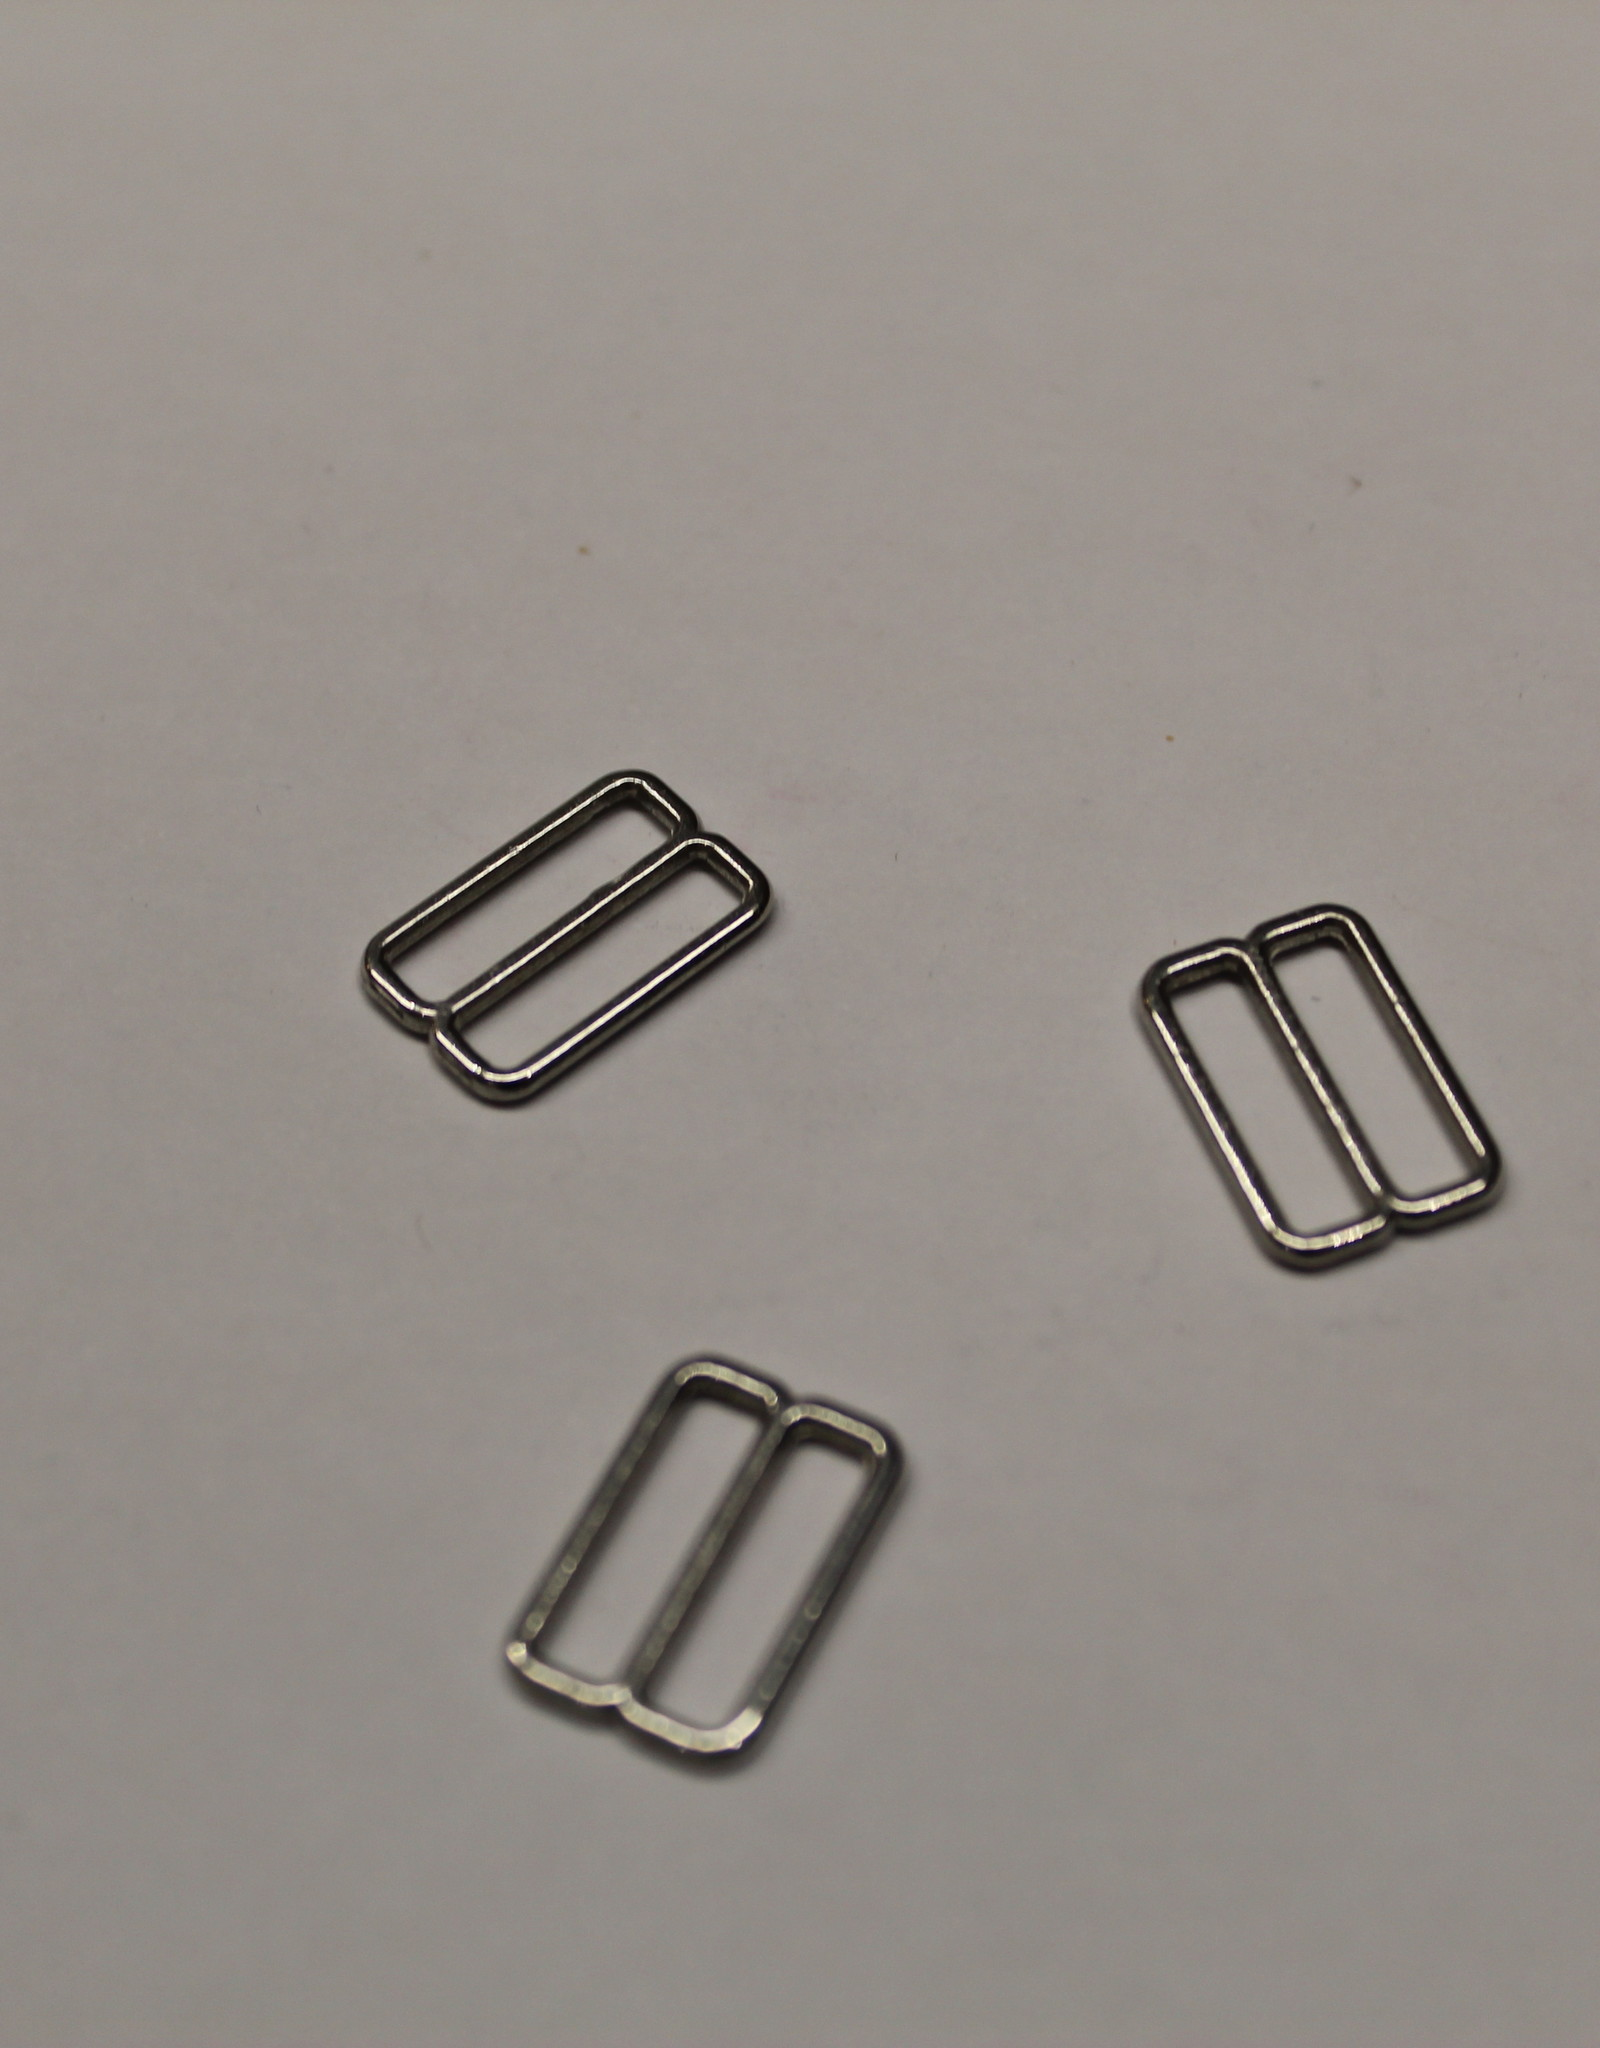 Bikini/bh-versteller schuiver 12mm zilver metaal